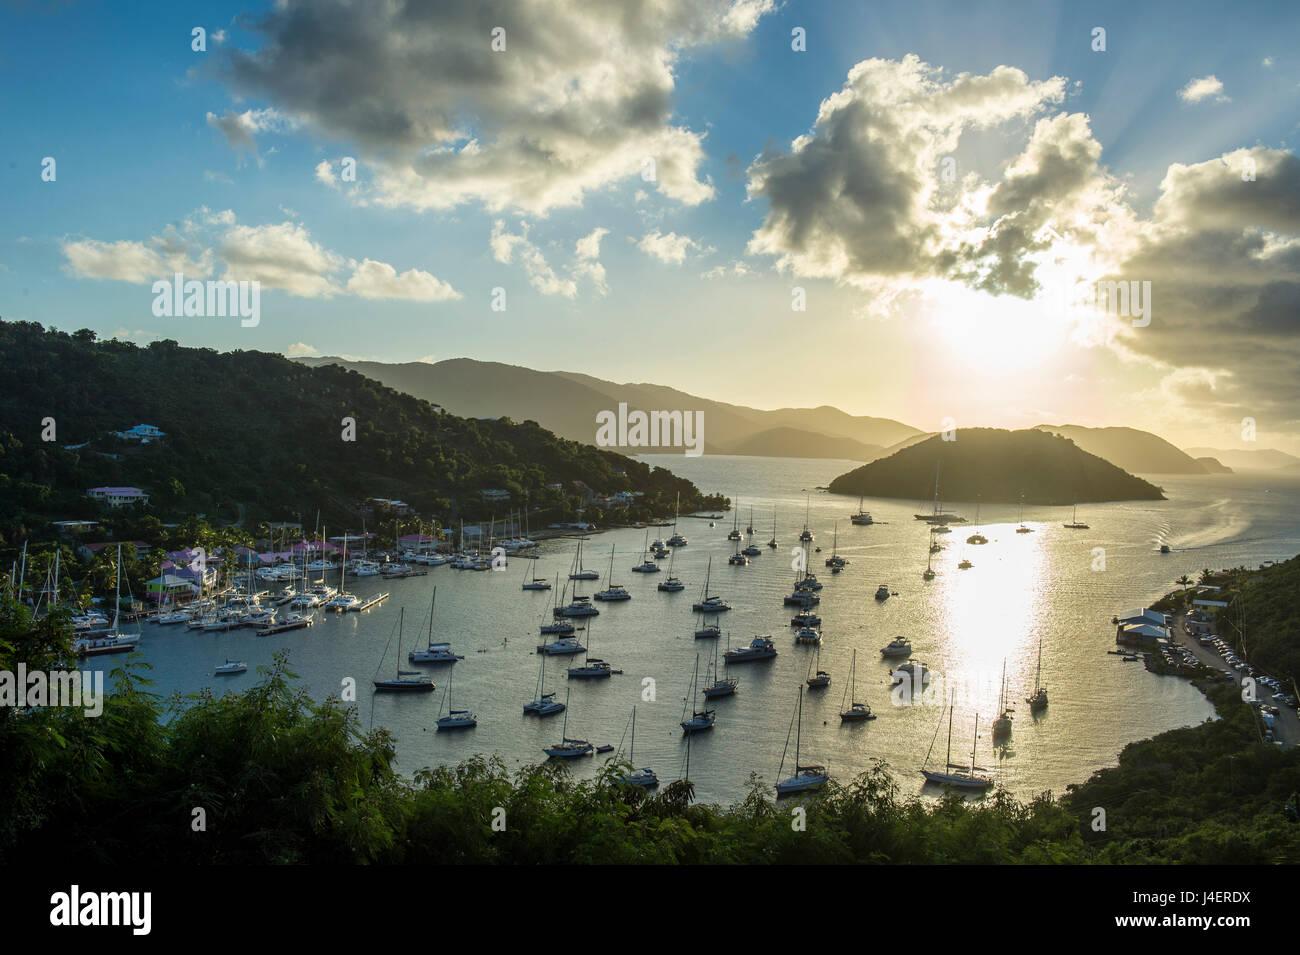 Velero Harbour en el extremo oeste de Tortola, Islas Vírgenes Británicas, Indias Occidentales, el Caribe, Imagen De Stock